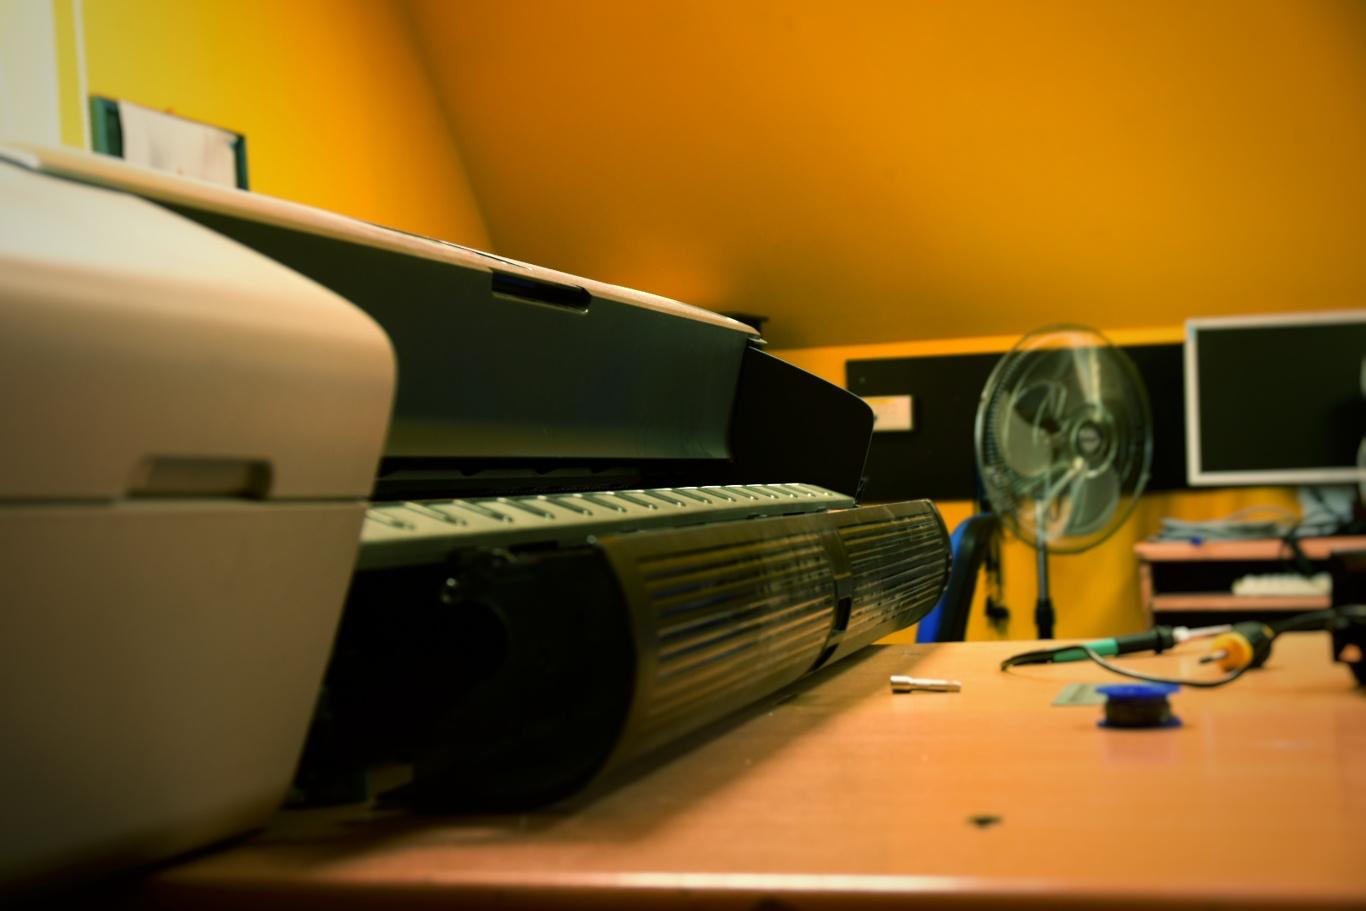 Serwis ploterów i techniczna obsługa. Obraz za © Zdjęcie za zgodą Akte.com.pl i autora @PhotoSchroedingerCat